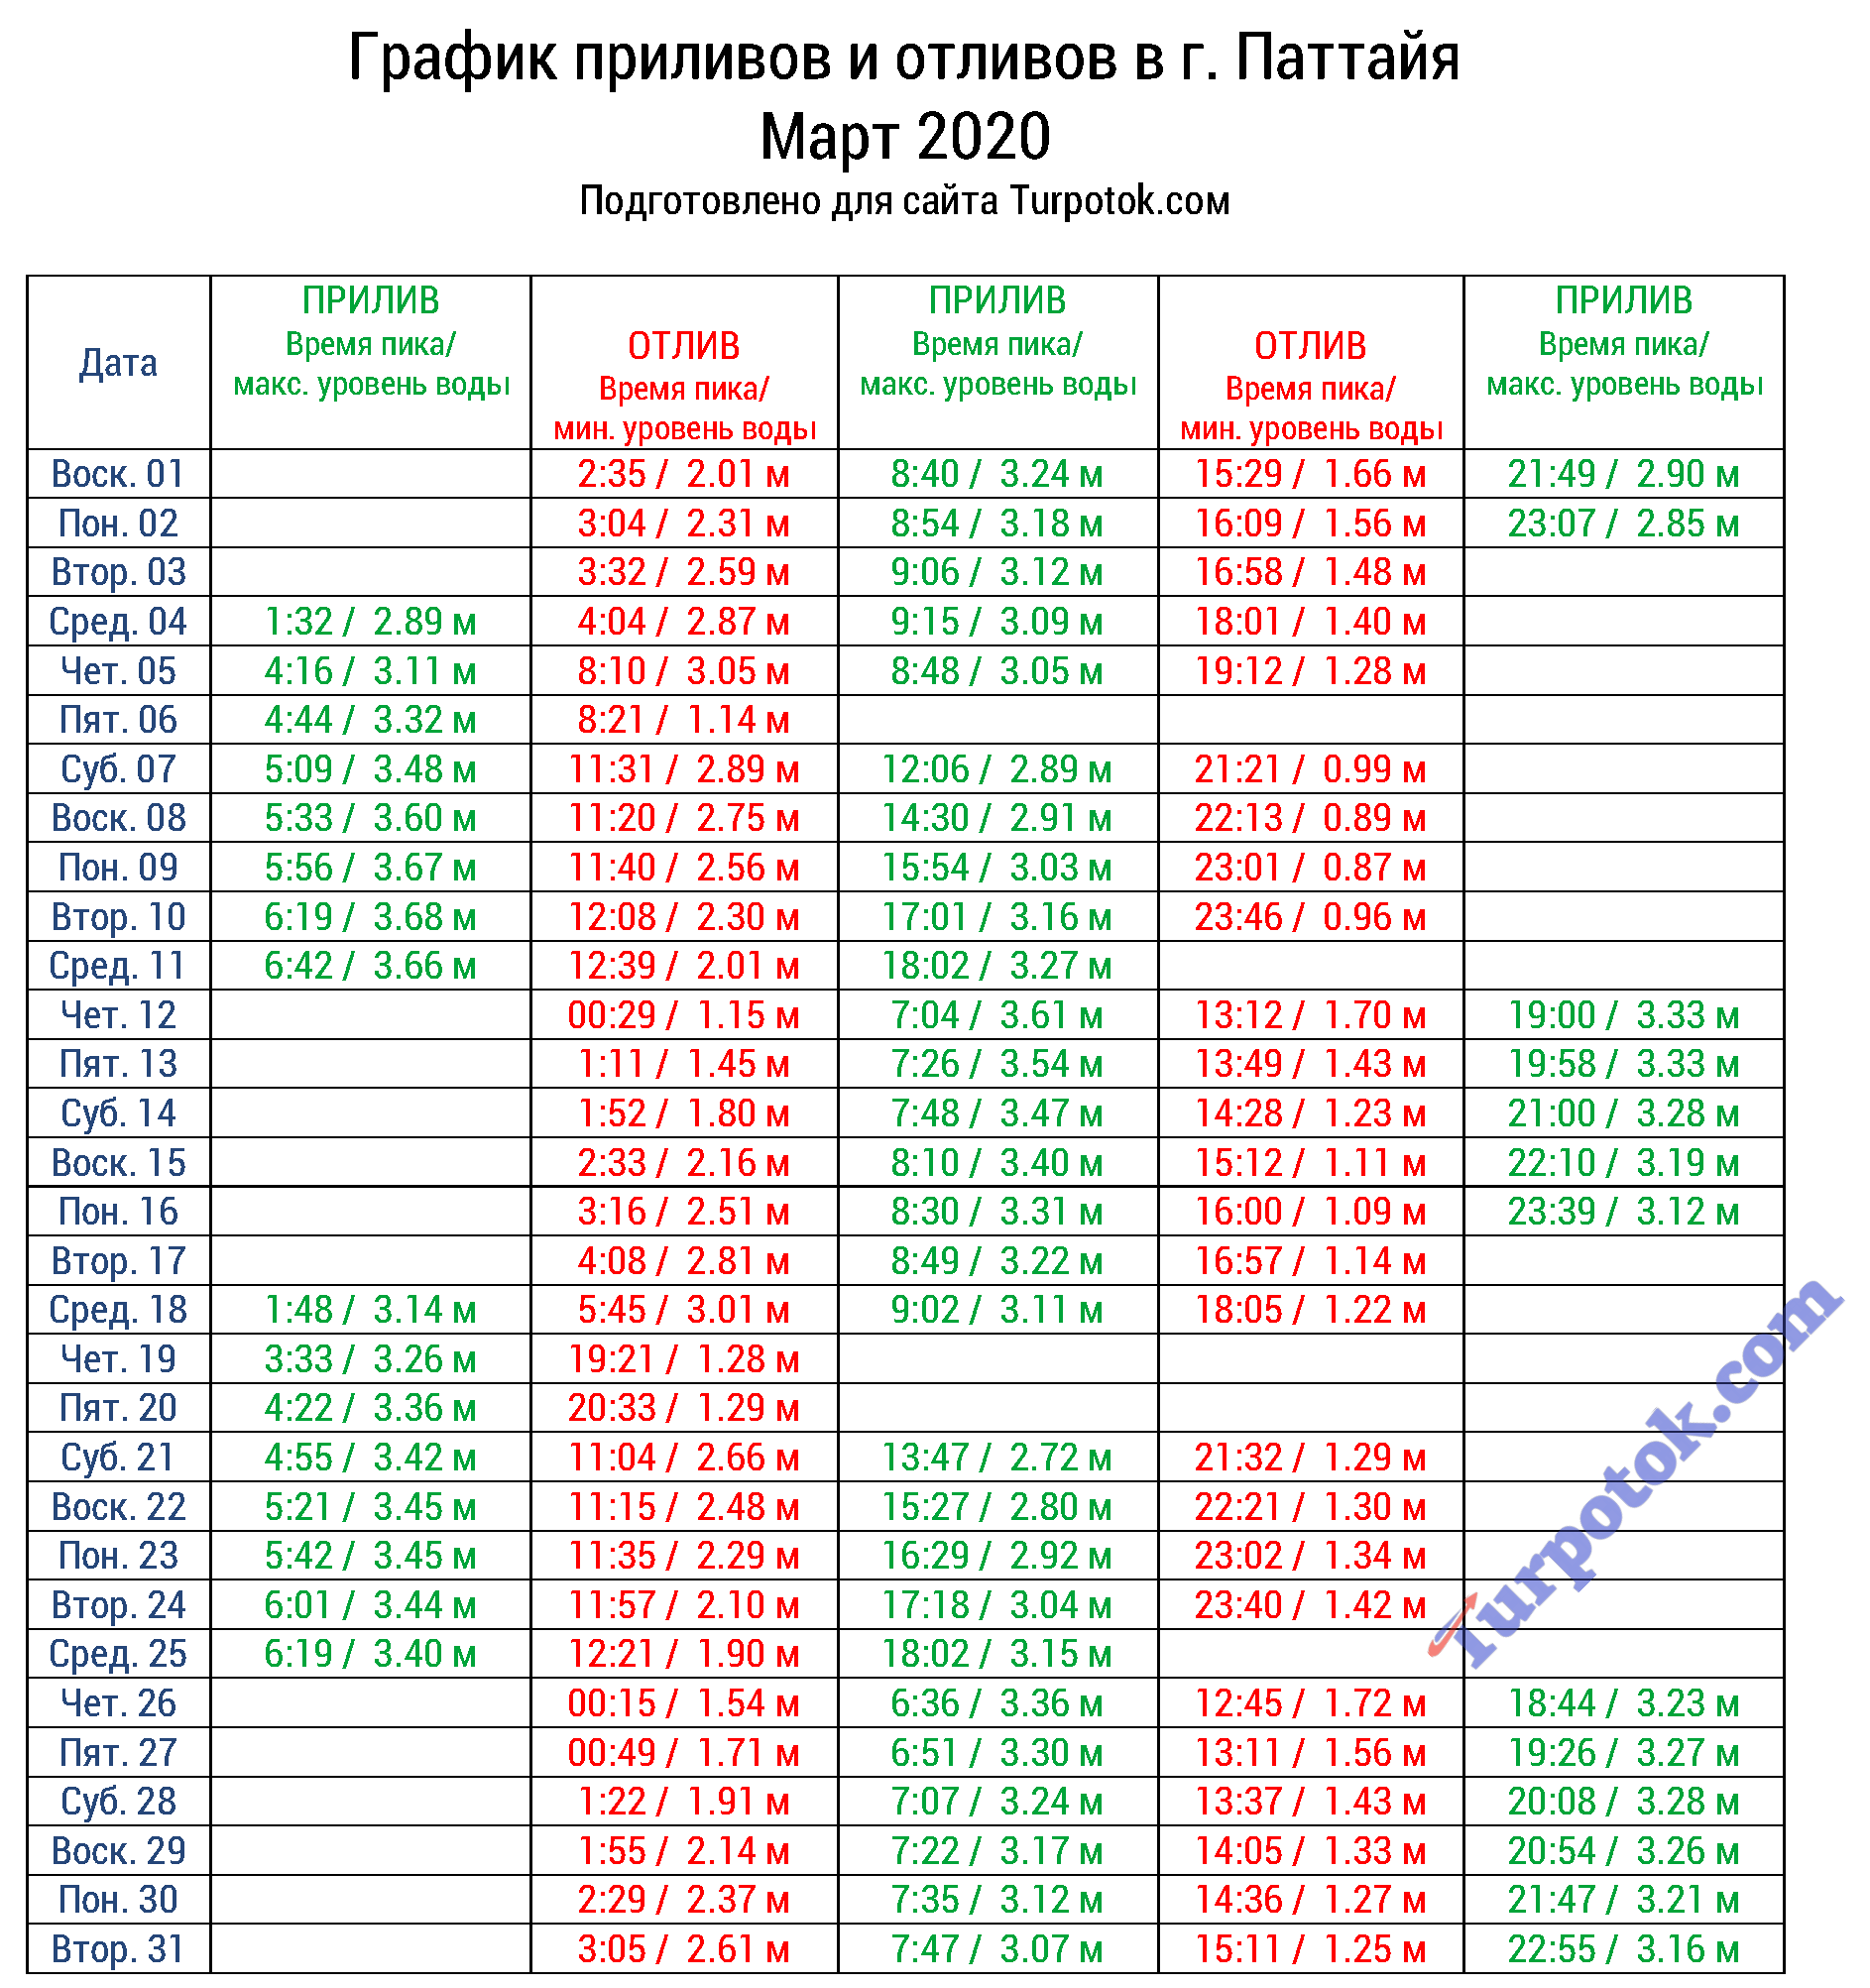 Время наступления отливов и приливов в Паттайе в марте 2020